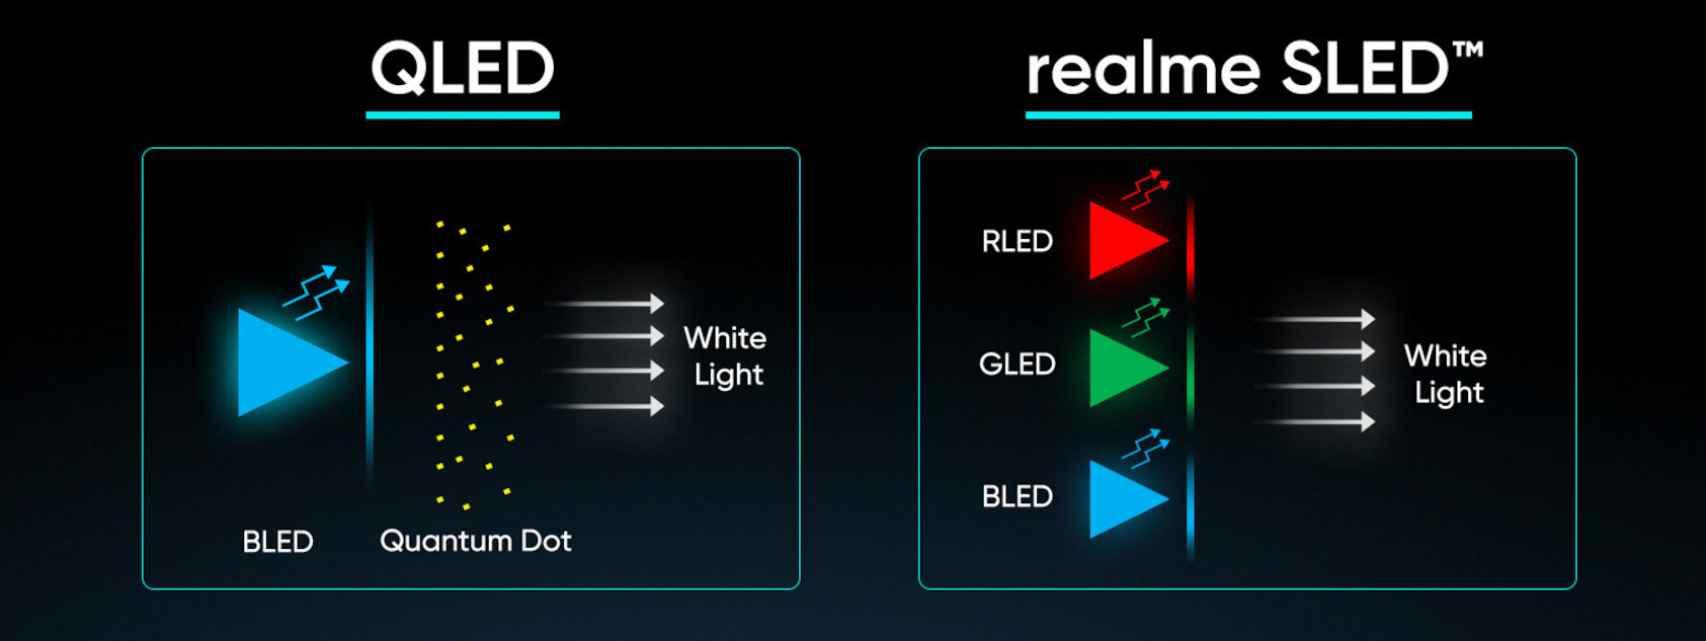 Diferencias entre QLED y SLED de Realme